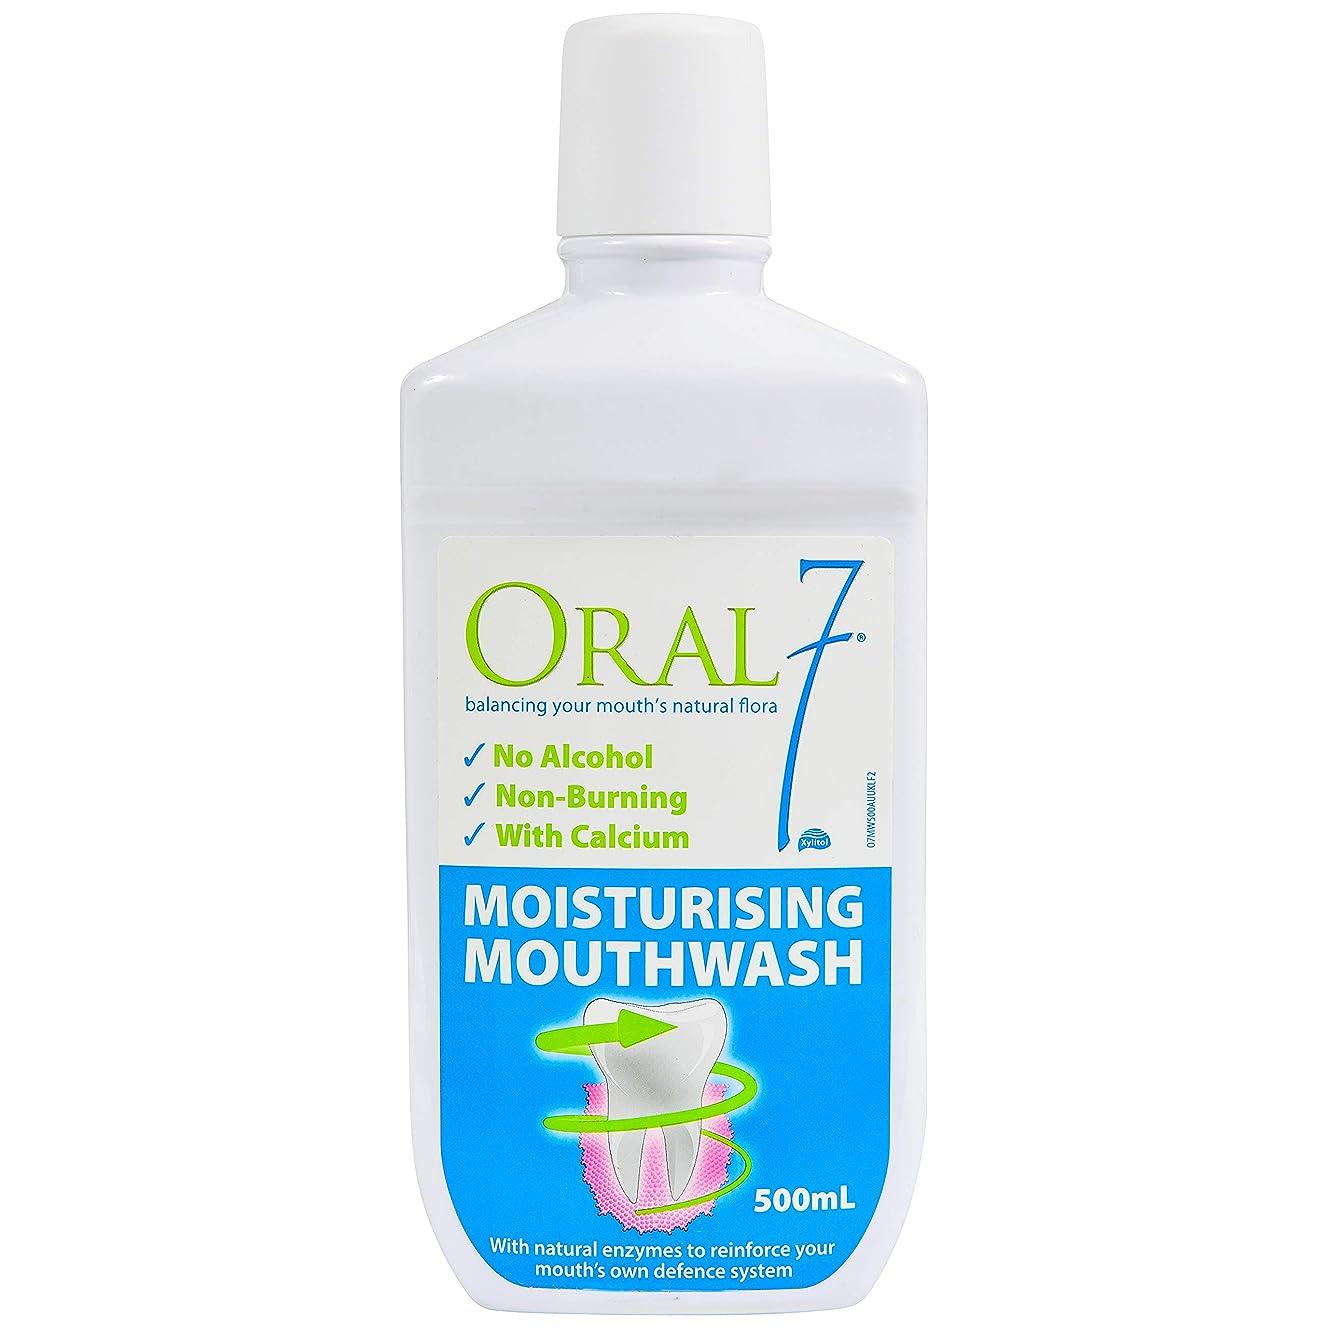 デイジー胚芽従順オーラル7 モイスチャライジングマウスウォッシュ 500ml 4種の天然酵素配合!口腔内保湿マウスウォッシュ お口の乾燥対策に